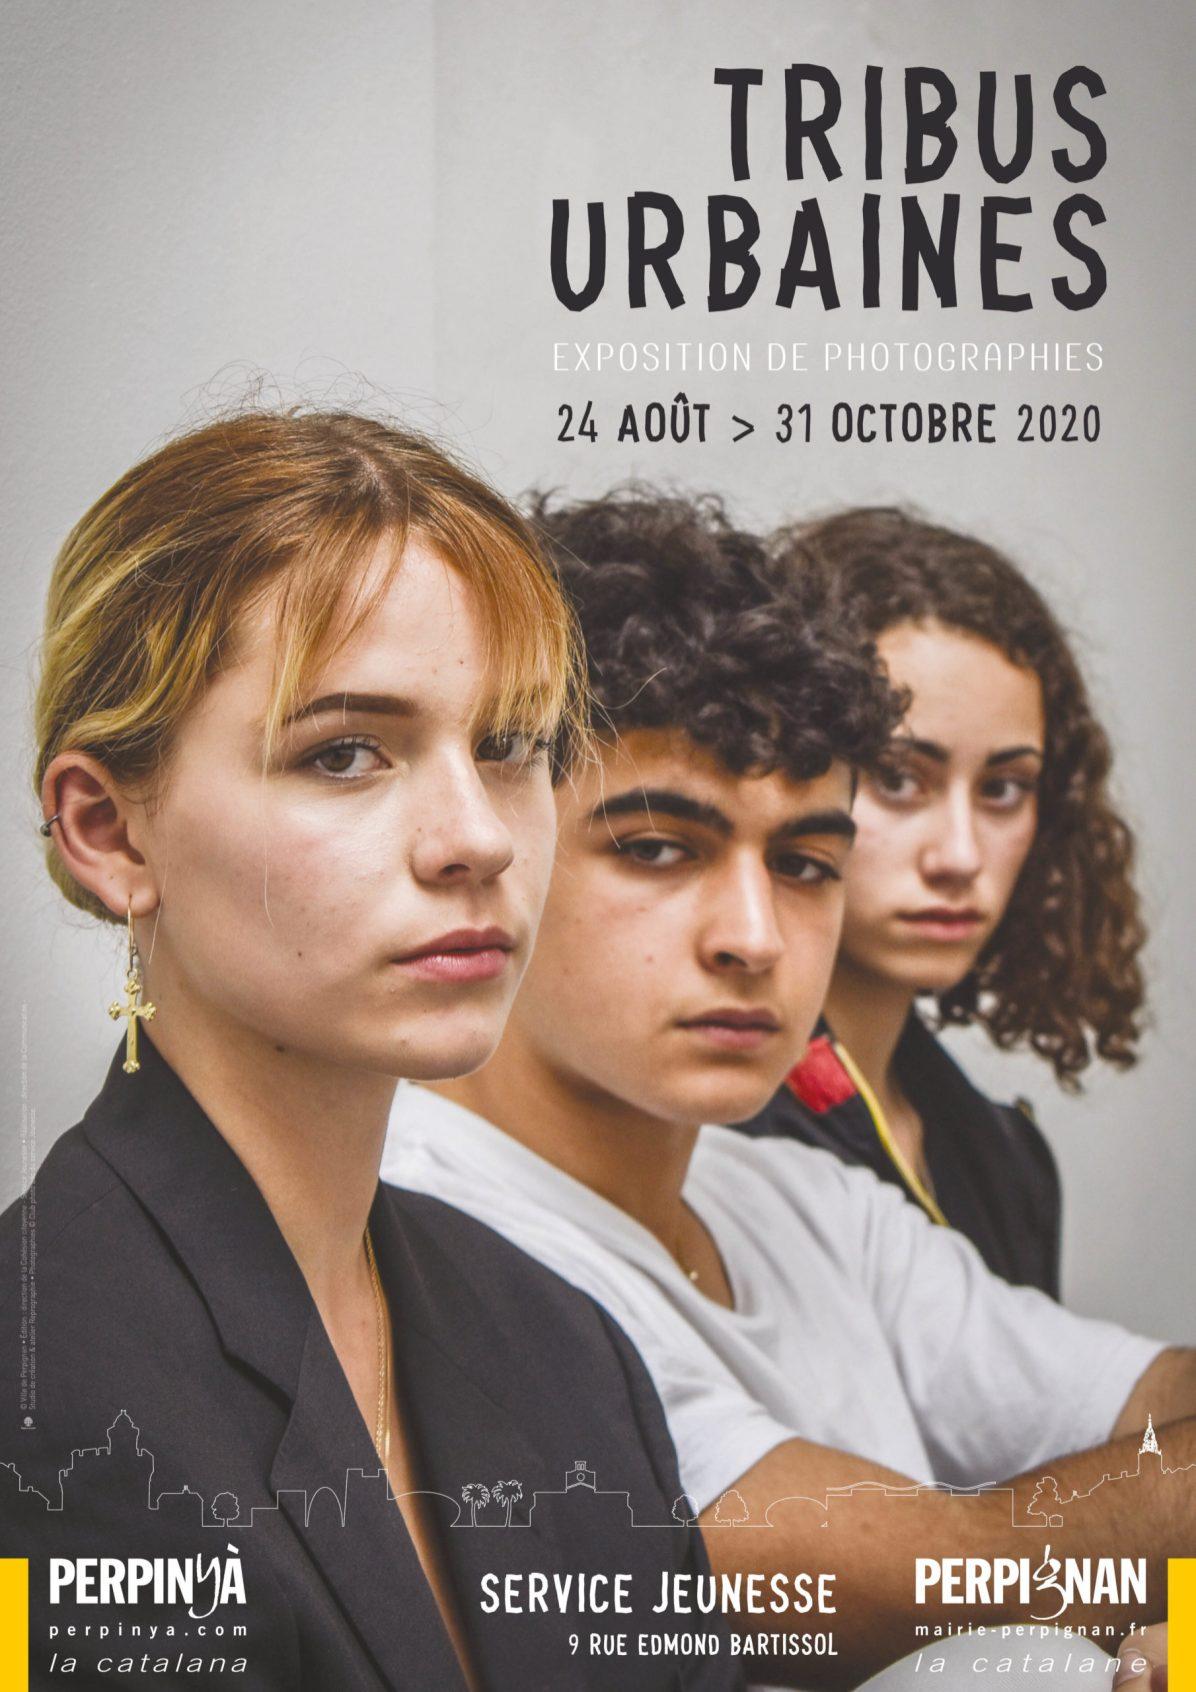 Expo Tribus urbaines Perpignan